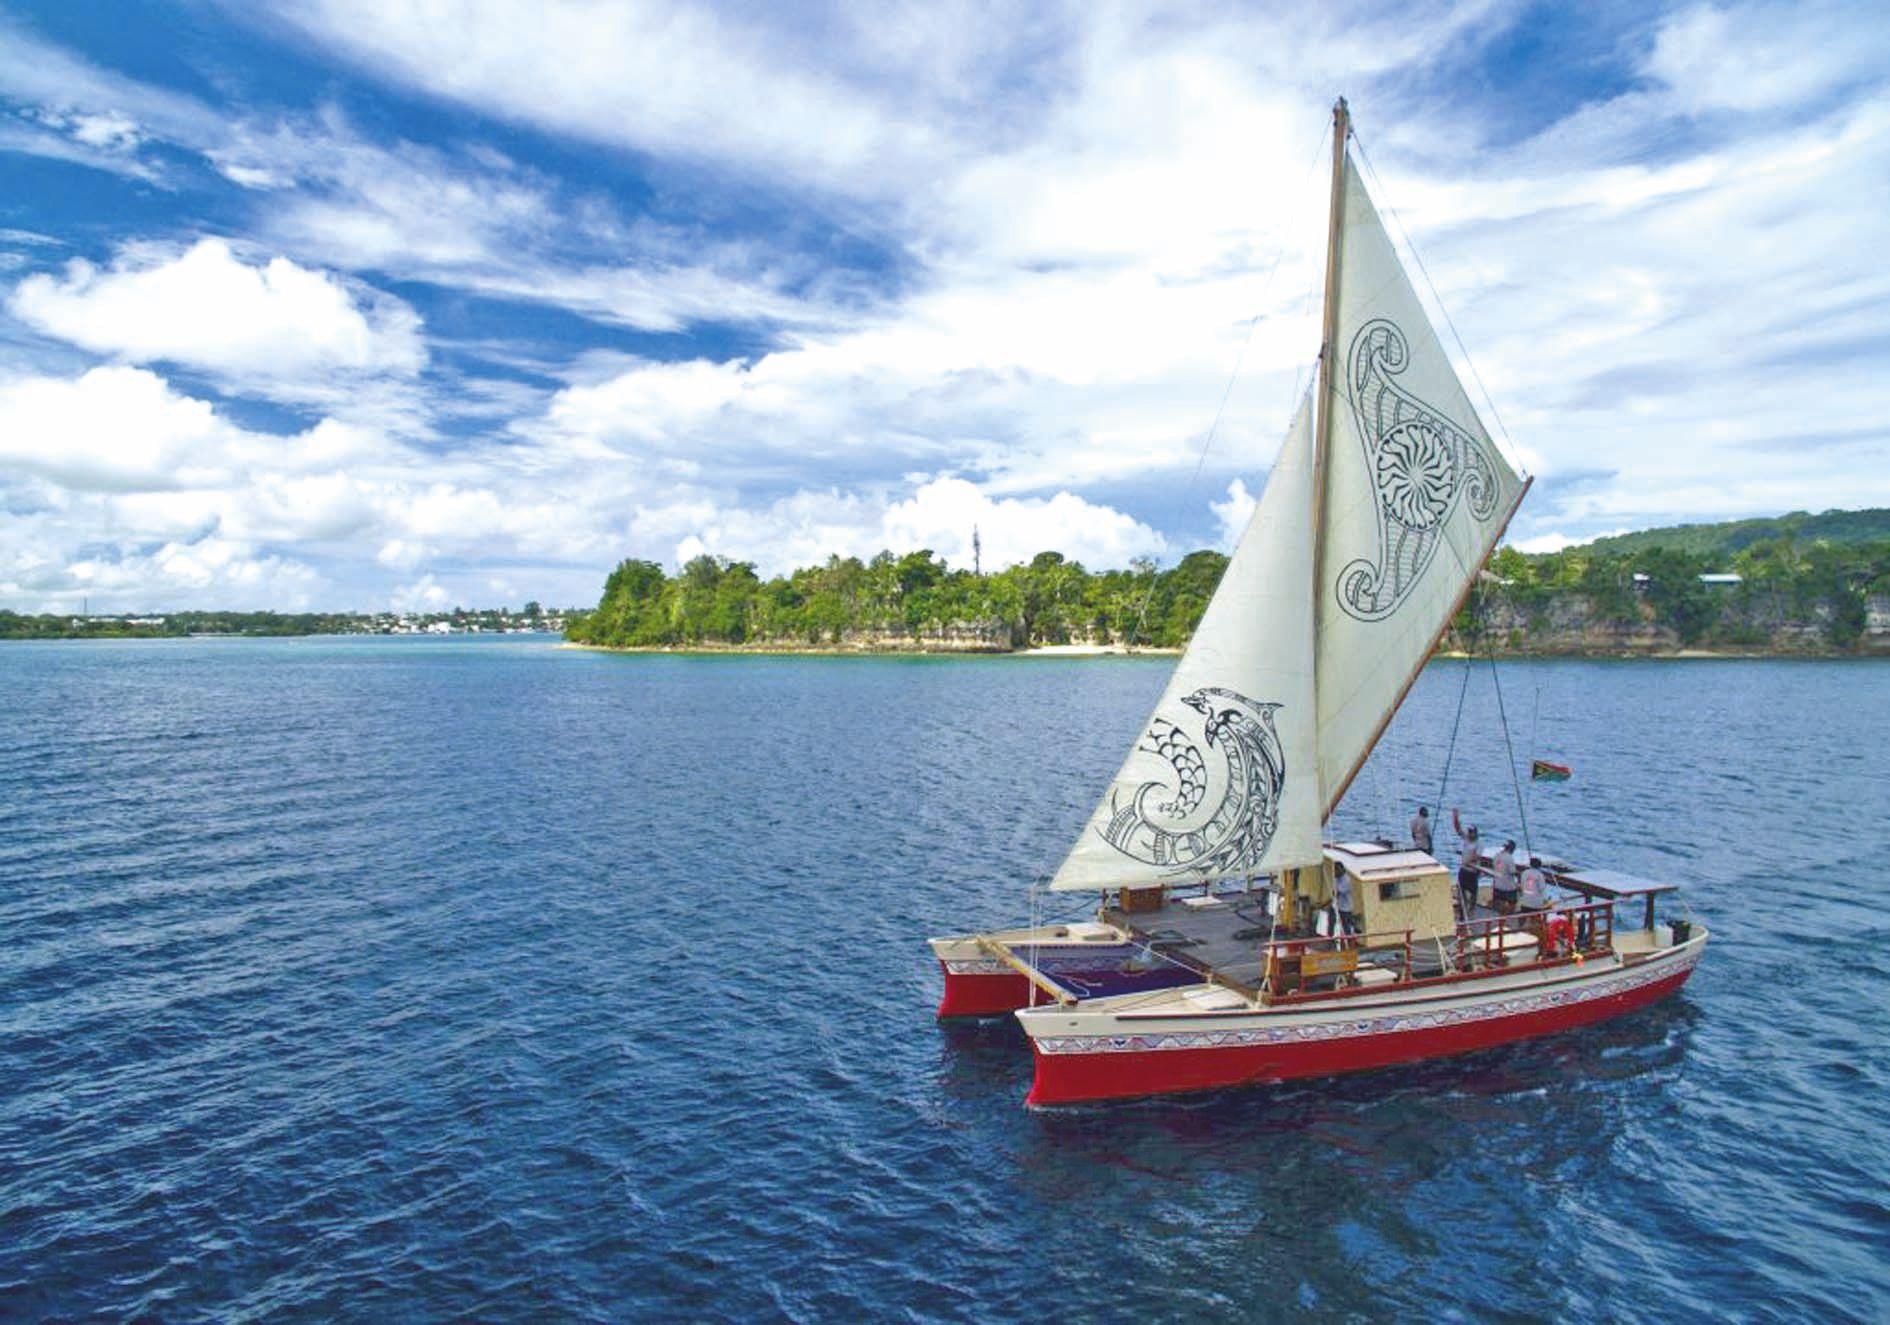 La voile de la pirogue mesure 58 m2, deux moteurs de secours fonctionnent au solaire et à l'huile de coco.Photo  Okeanos Foundation